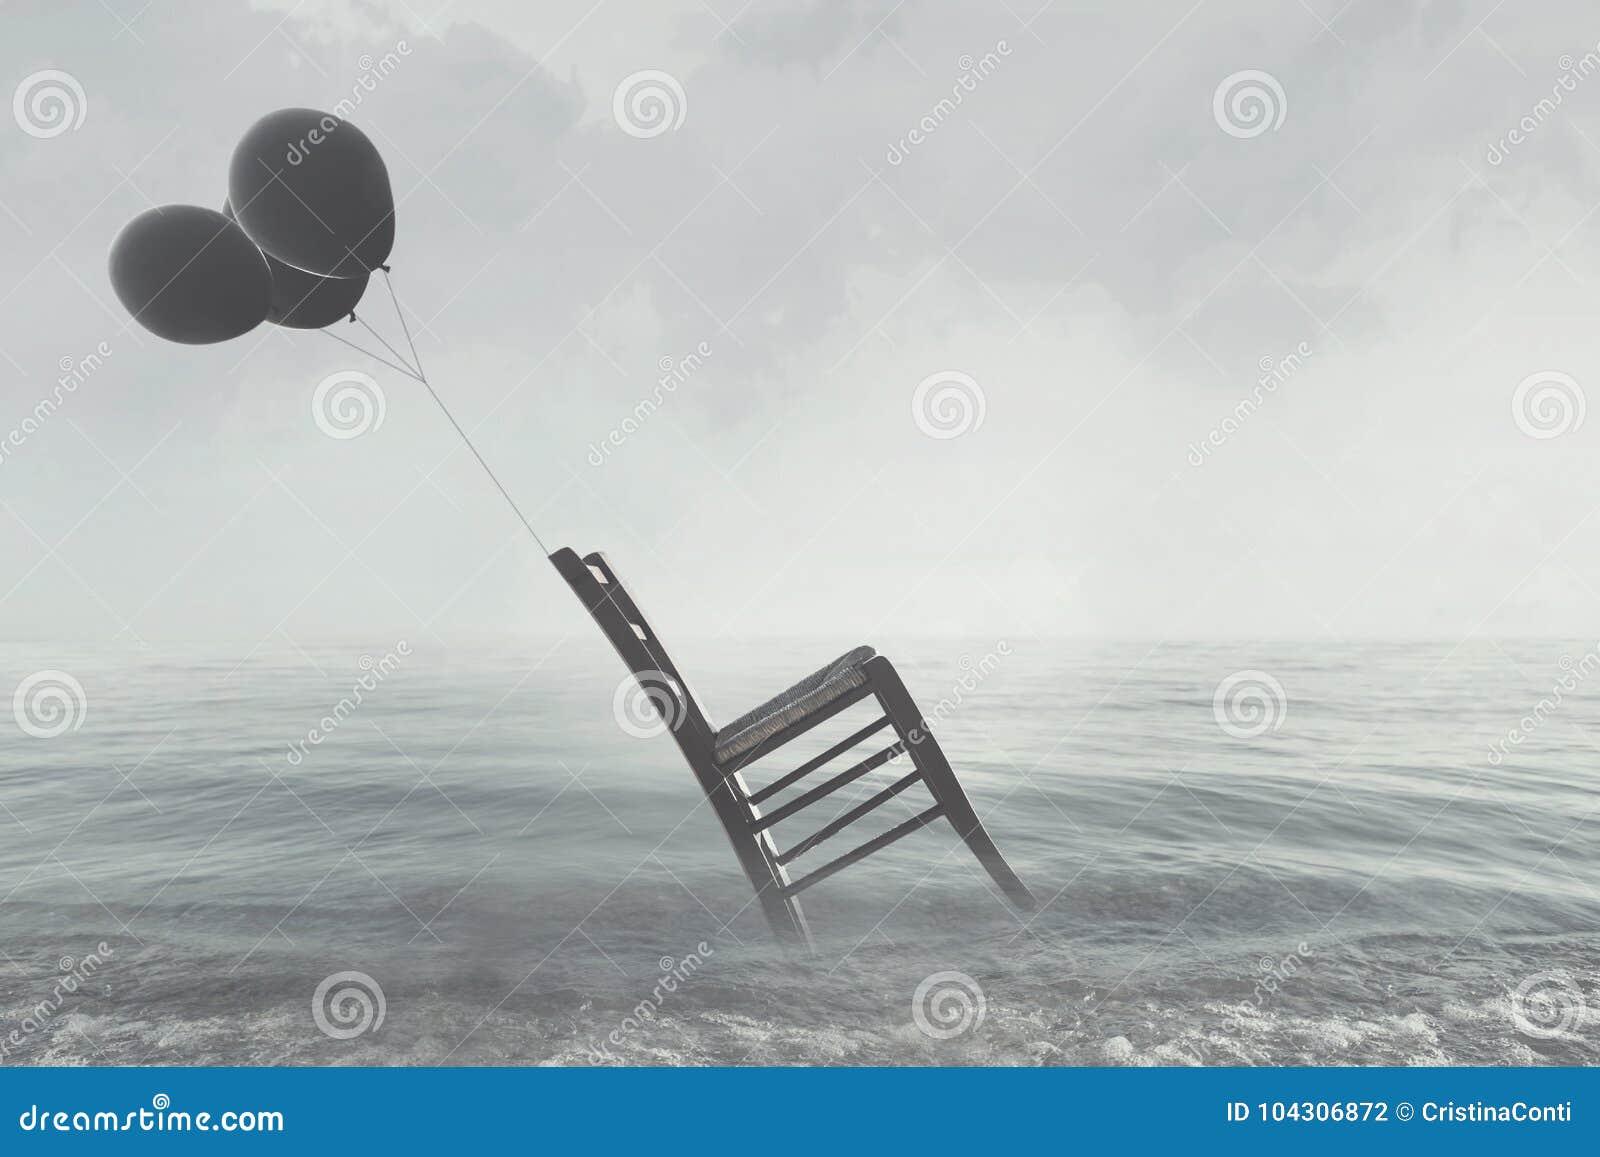 Surreal beeld van een stoel in evenwicht door vliegende zwarte ballons wordt gehouden die